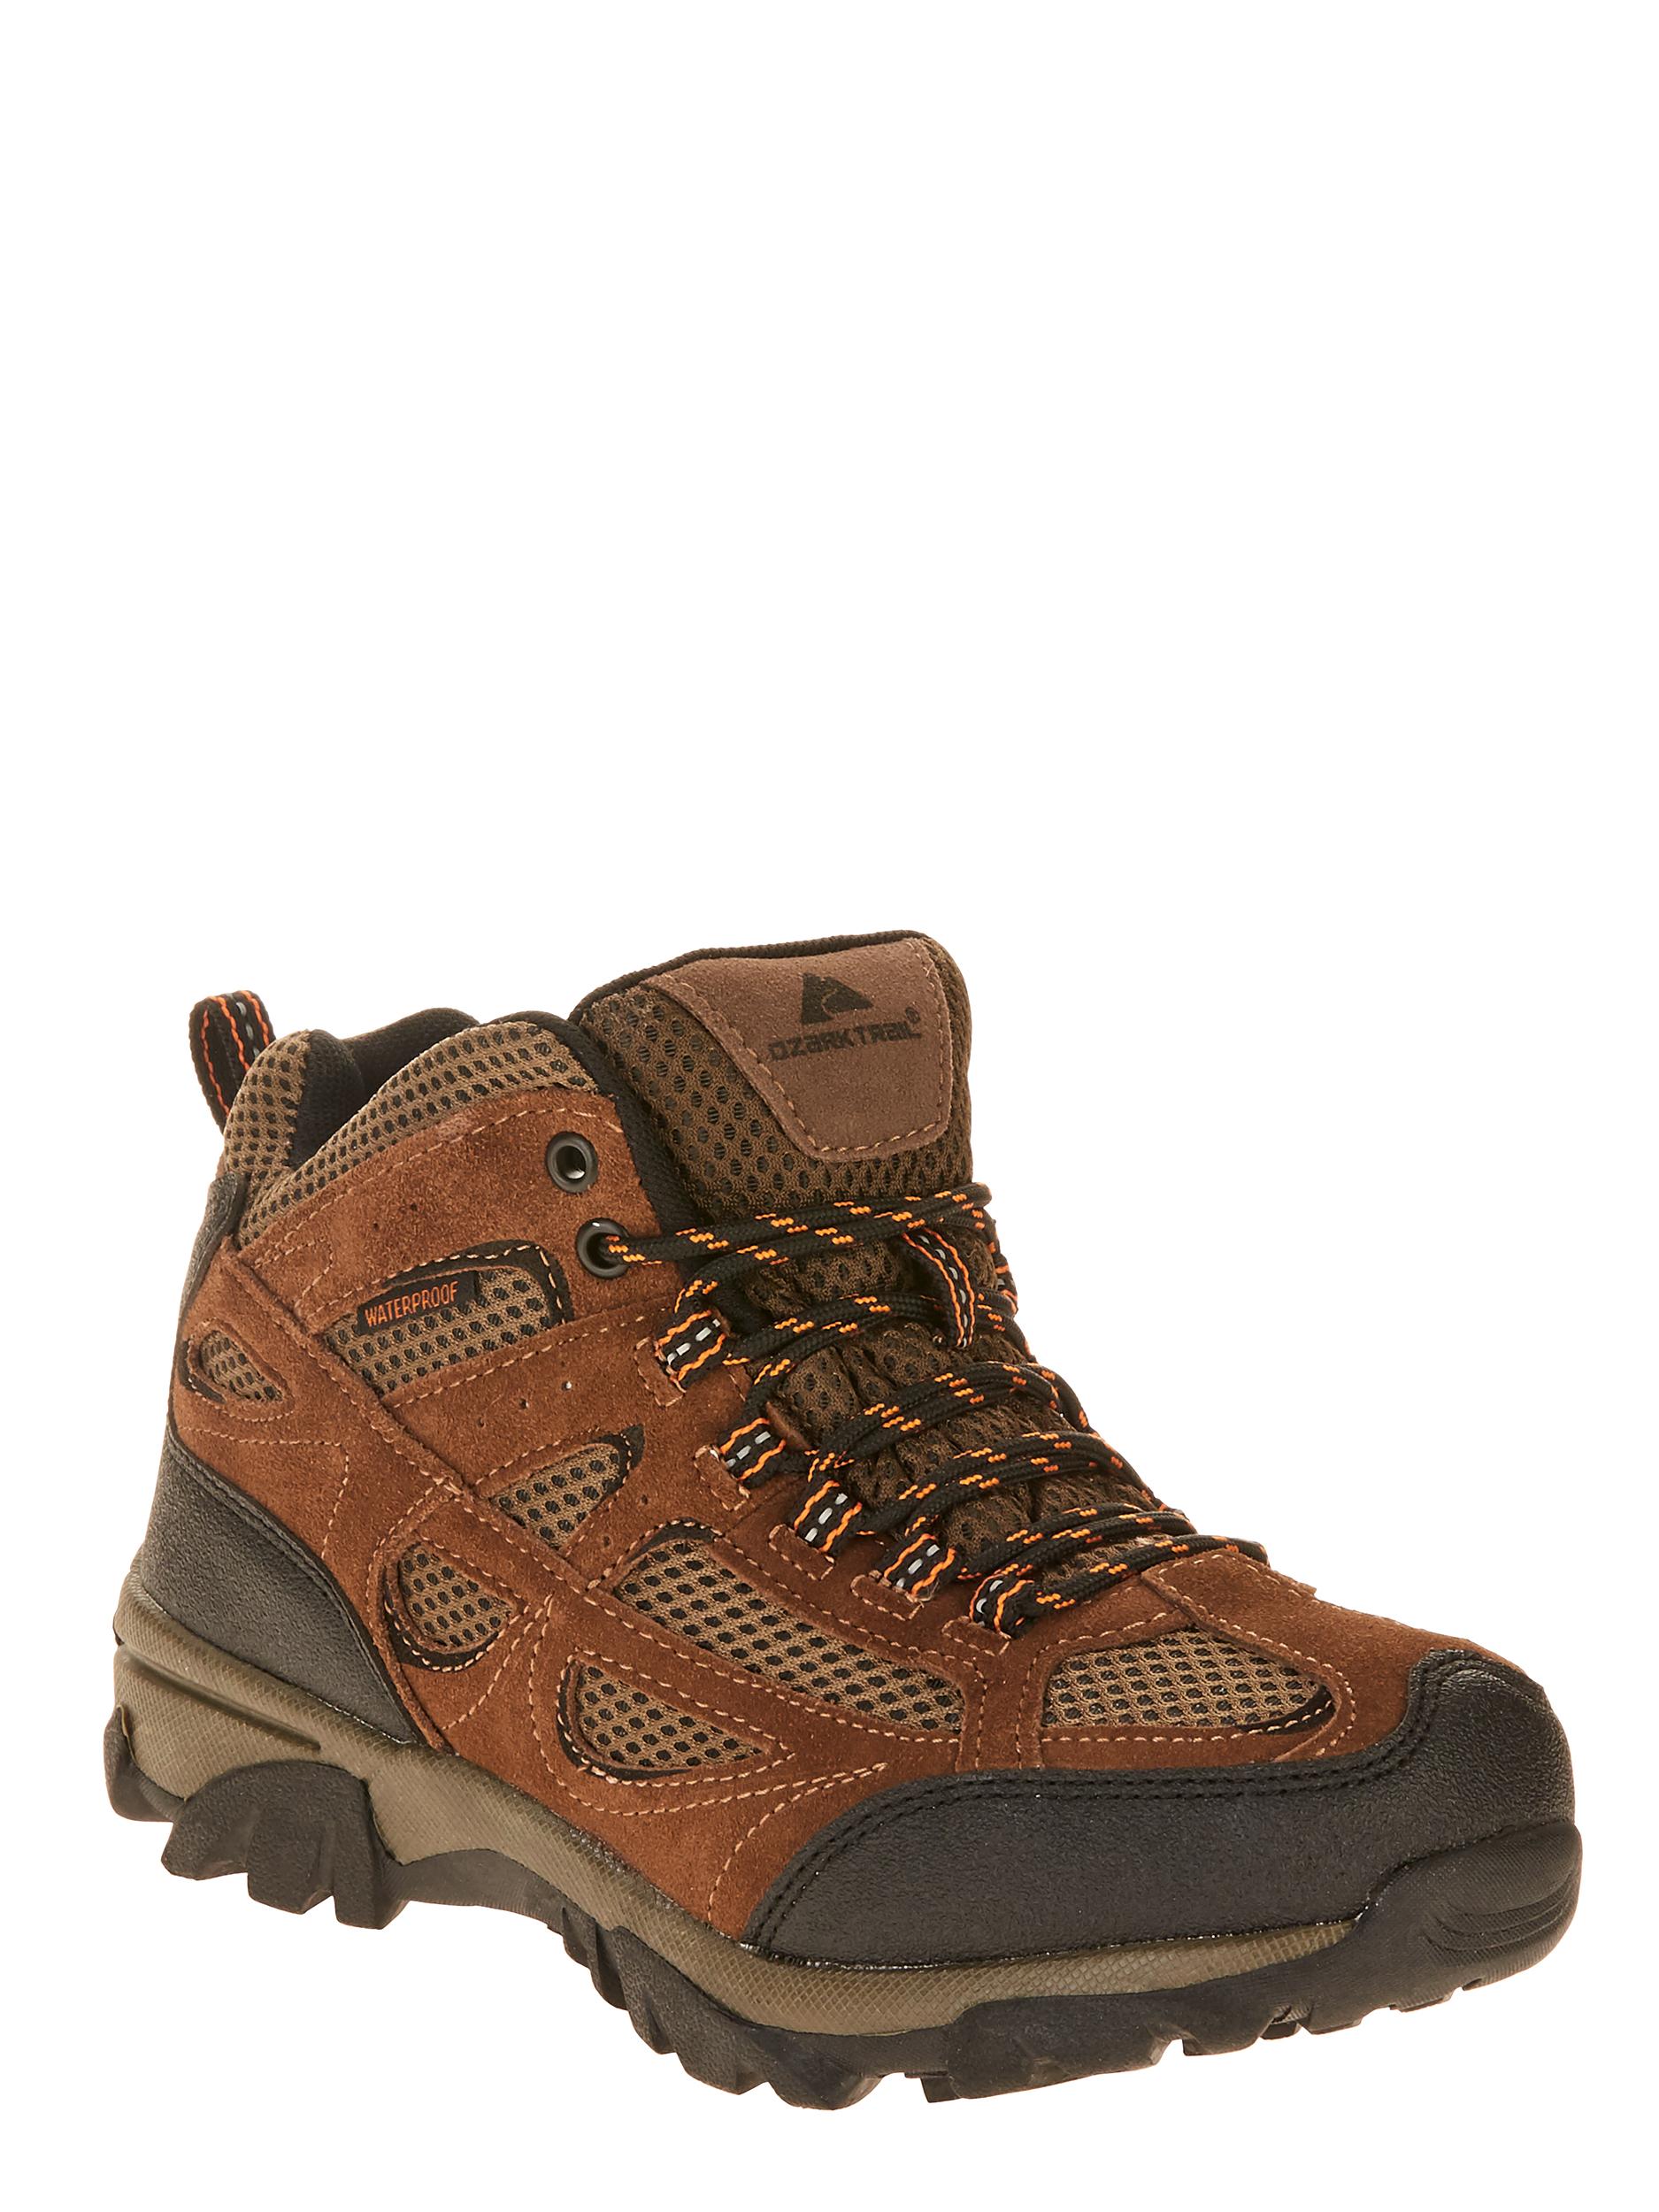 Ozark Trail Men's Vented Mid Waterproof Leather Hiker Boot